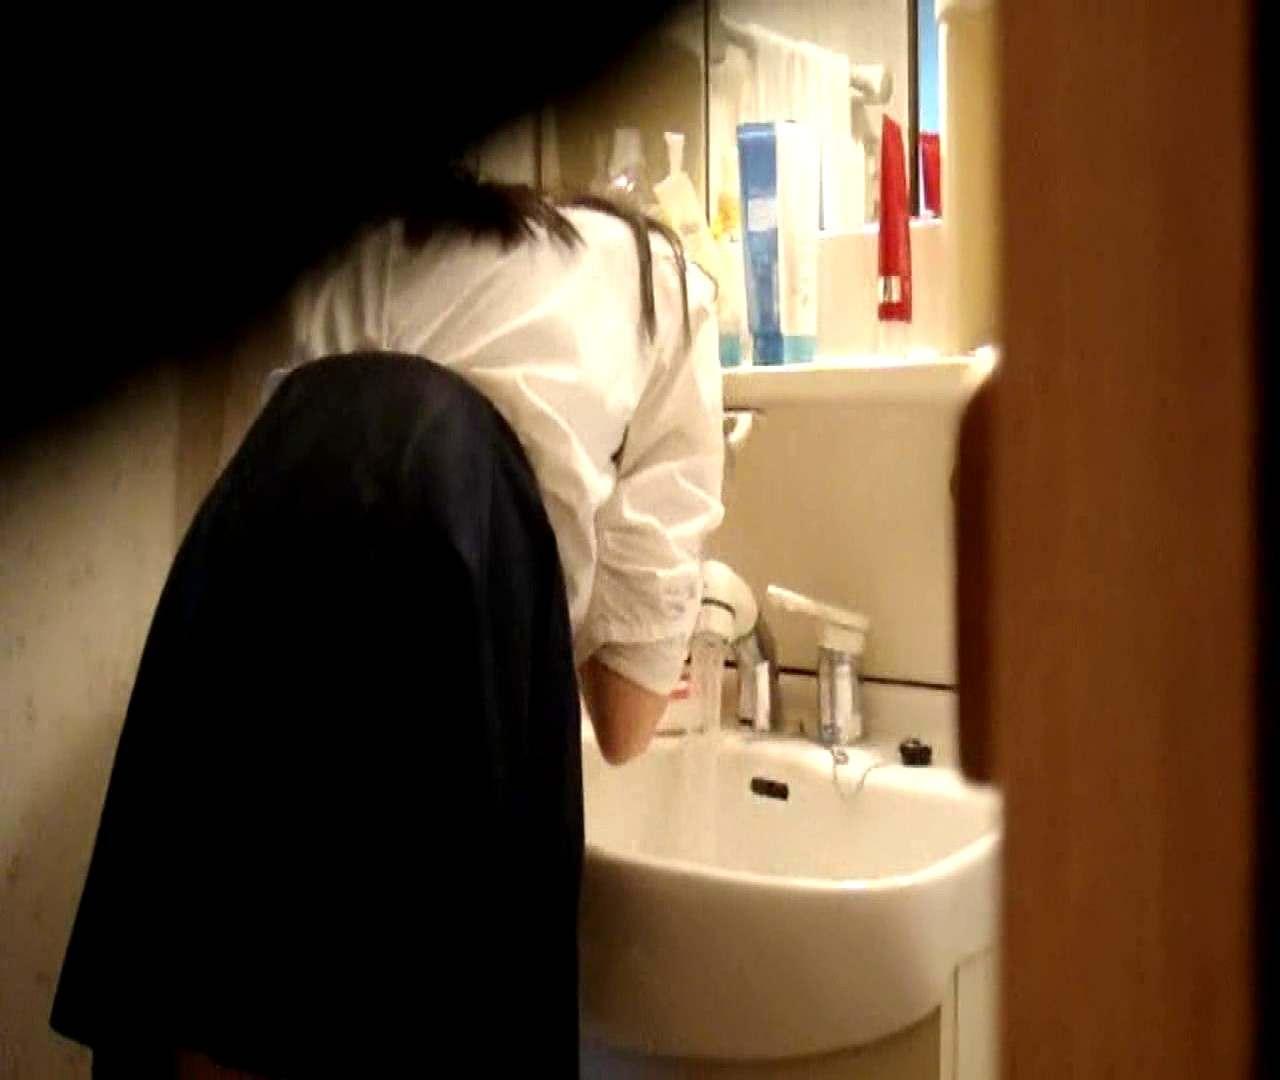 vol.5 まどかが帰宅後の洗顔後にブラを洗ってます。 いじくり AV無料 112枚 58